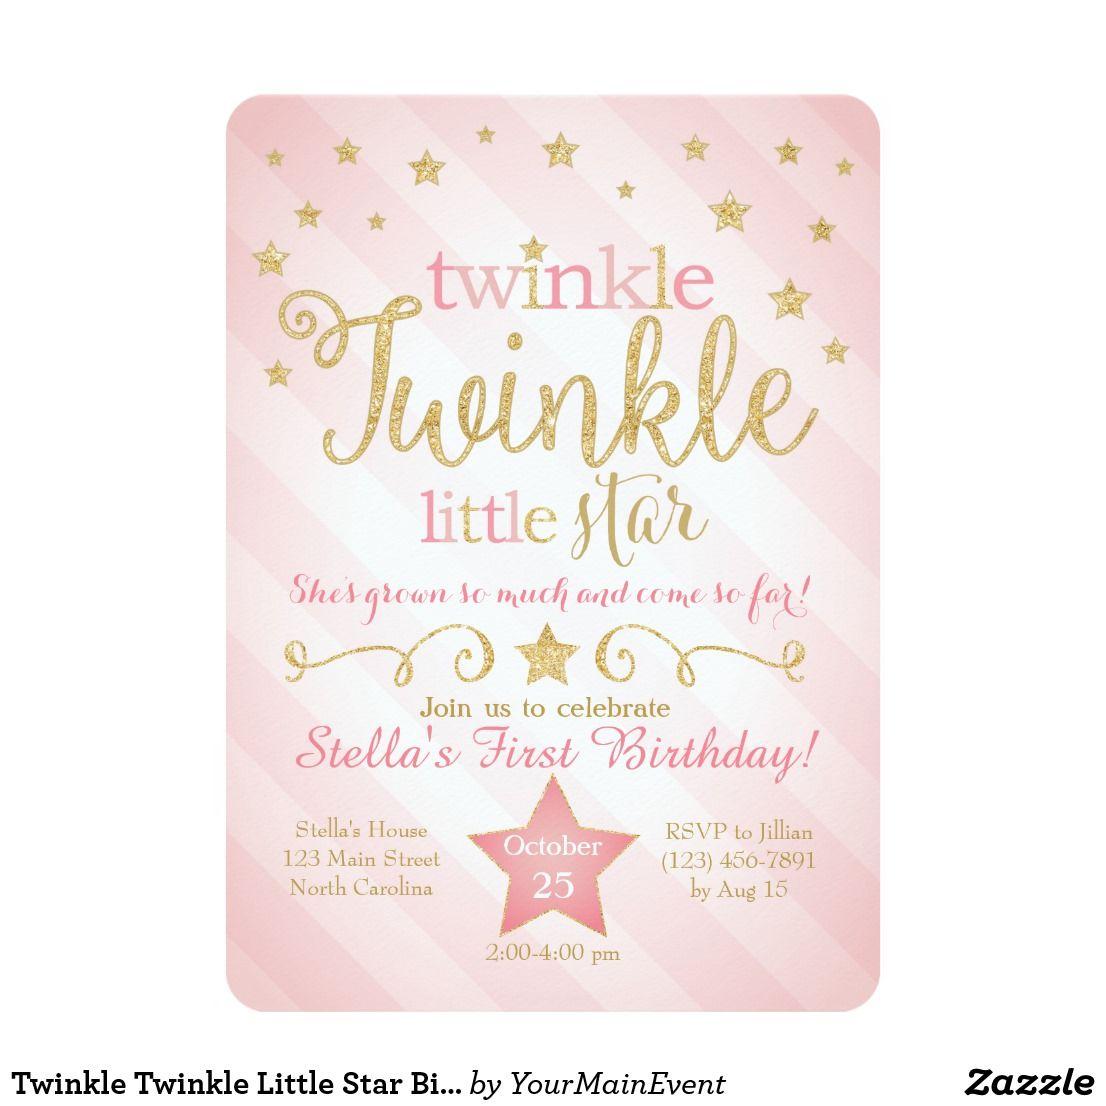 Twinkle Twinkle Little Star Birthday Invitation | Twinkle twinkle ...